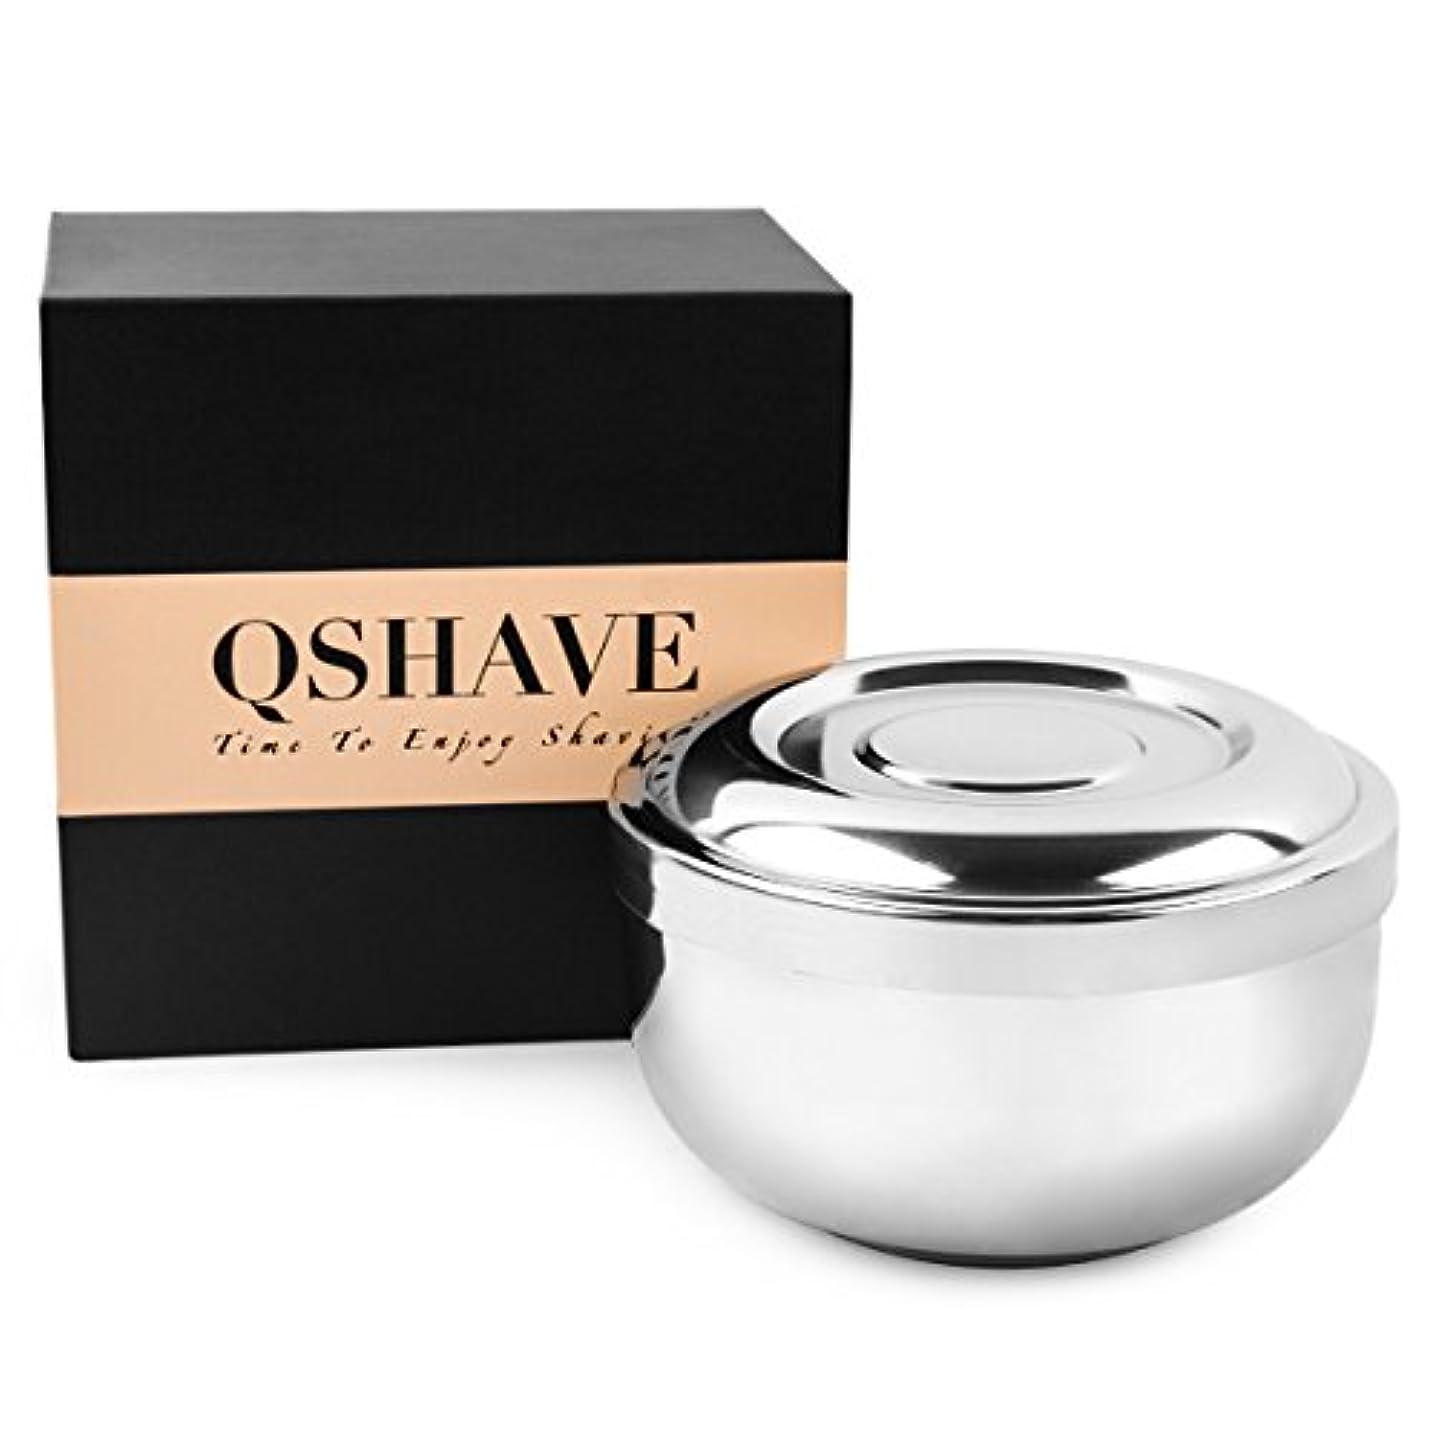 QSHAVE ステンレススチールシェービングボウル 直径10㎝の蓋つき ラージ深型 クロムメッキ 鏡面仕上げ